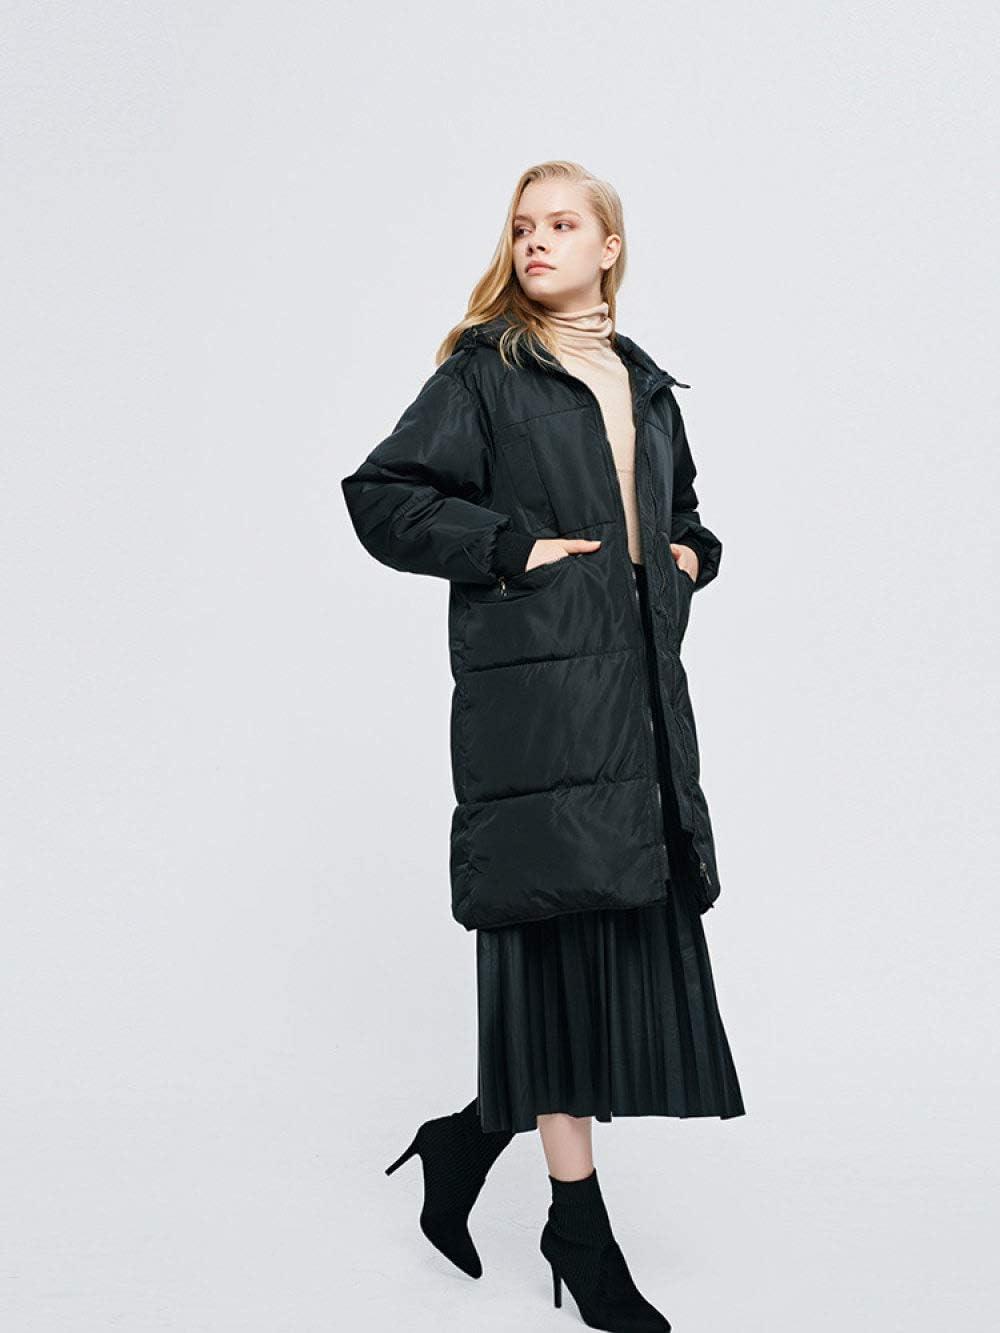 EIJFKNC Blousons Parkas Femmes Femmes Manteau d'hiver Épaississement À Capuche en Coton Veste Parkas pour Femmes Hiver Long Épais Chaud Coton Outwear Noir